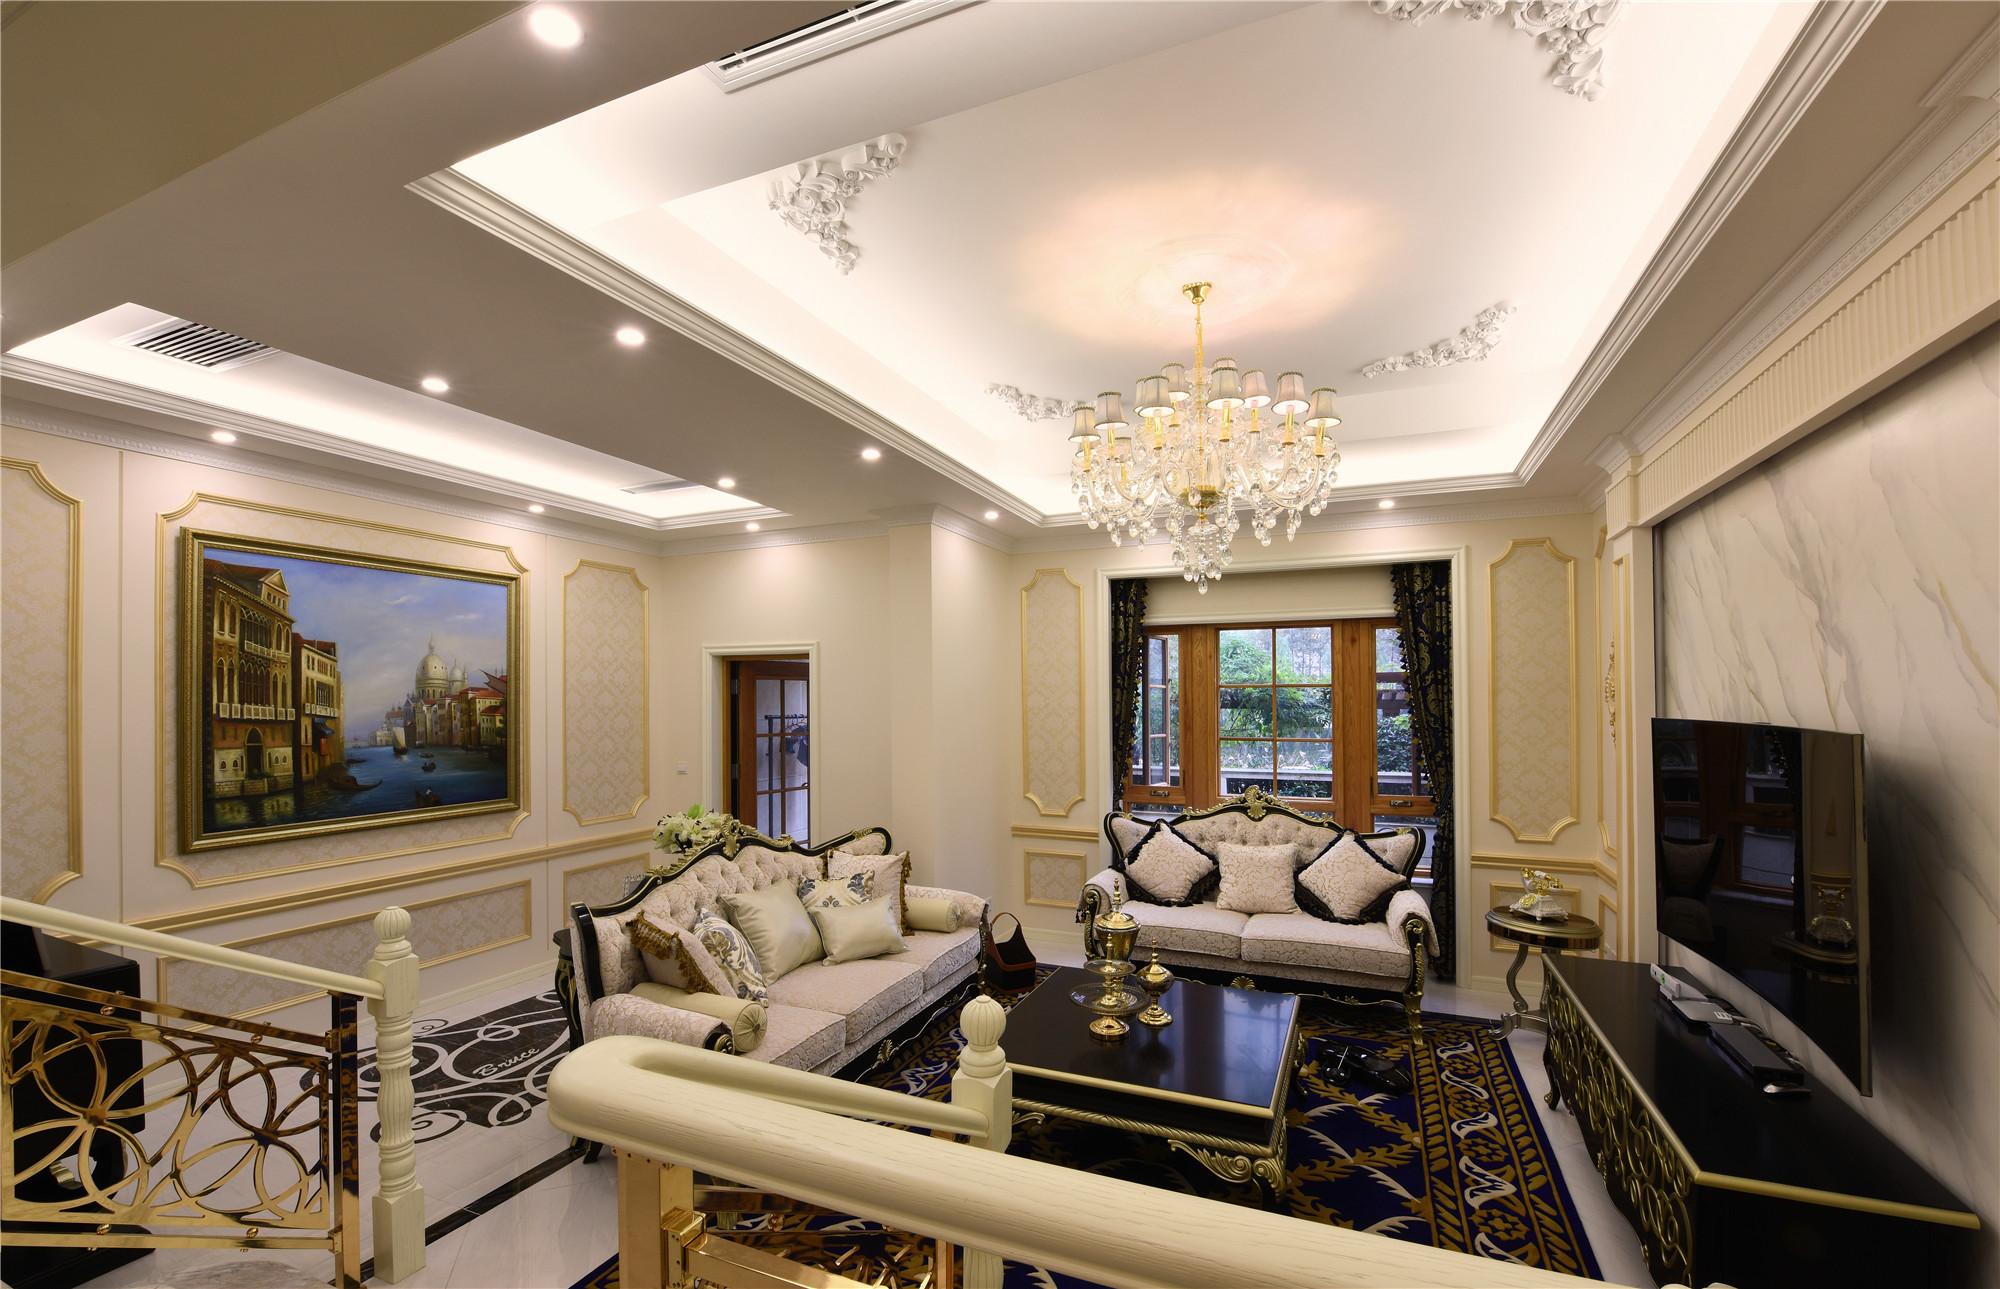 欧式风格别墅装修客厅布置图